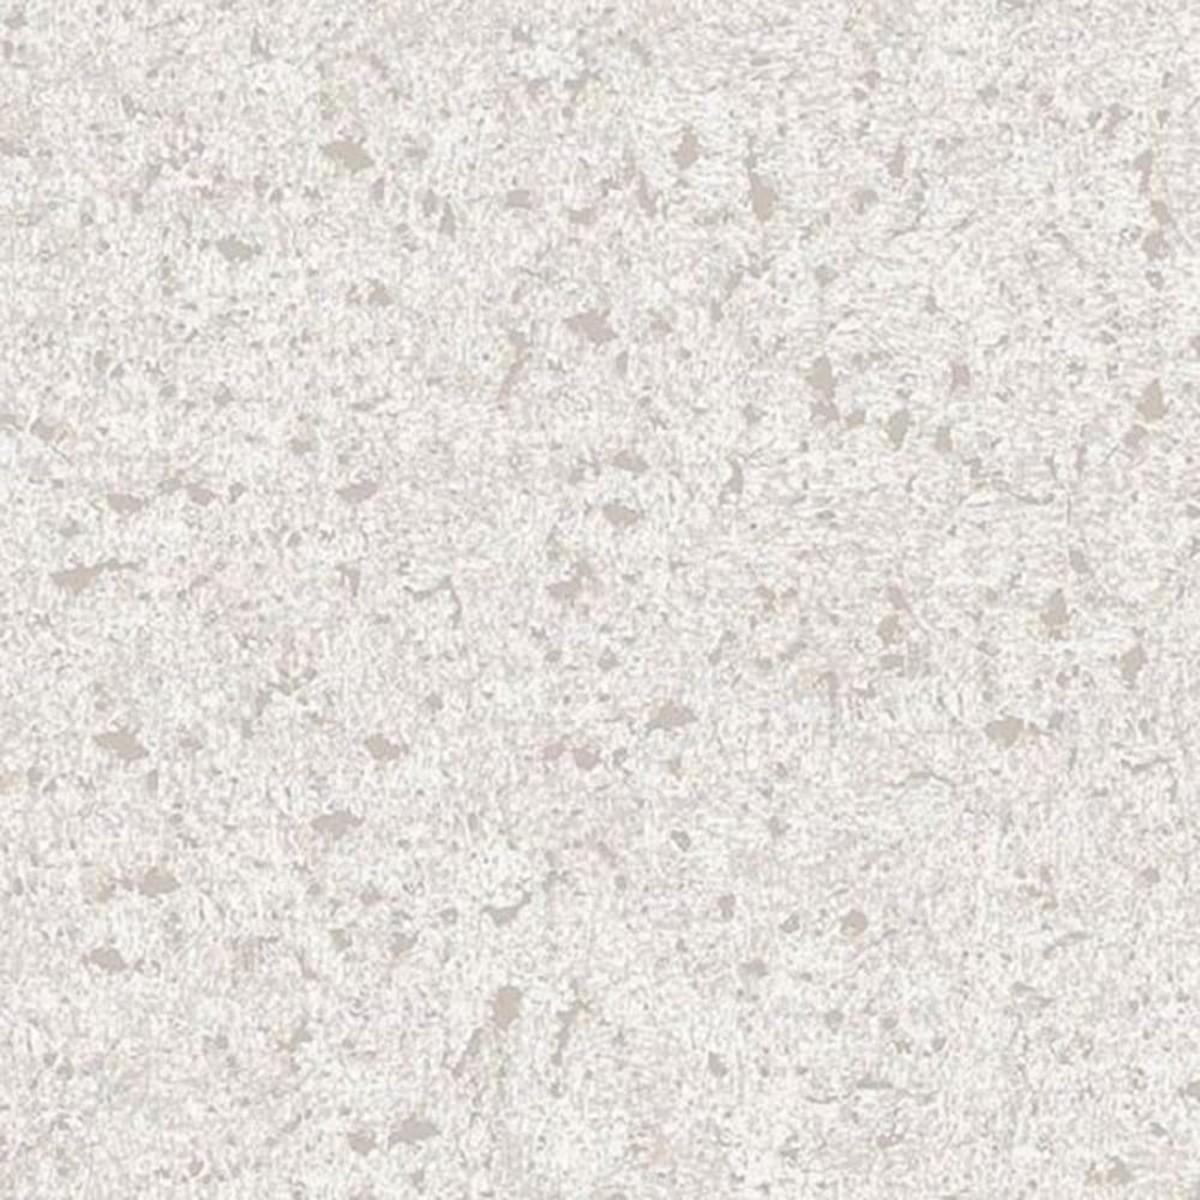 Обои флизелиновые Did Bali серые 0.53 м BL1002-4